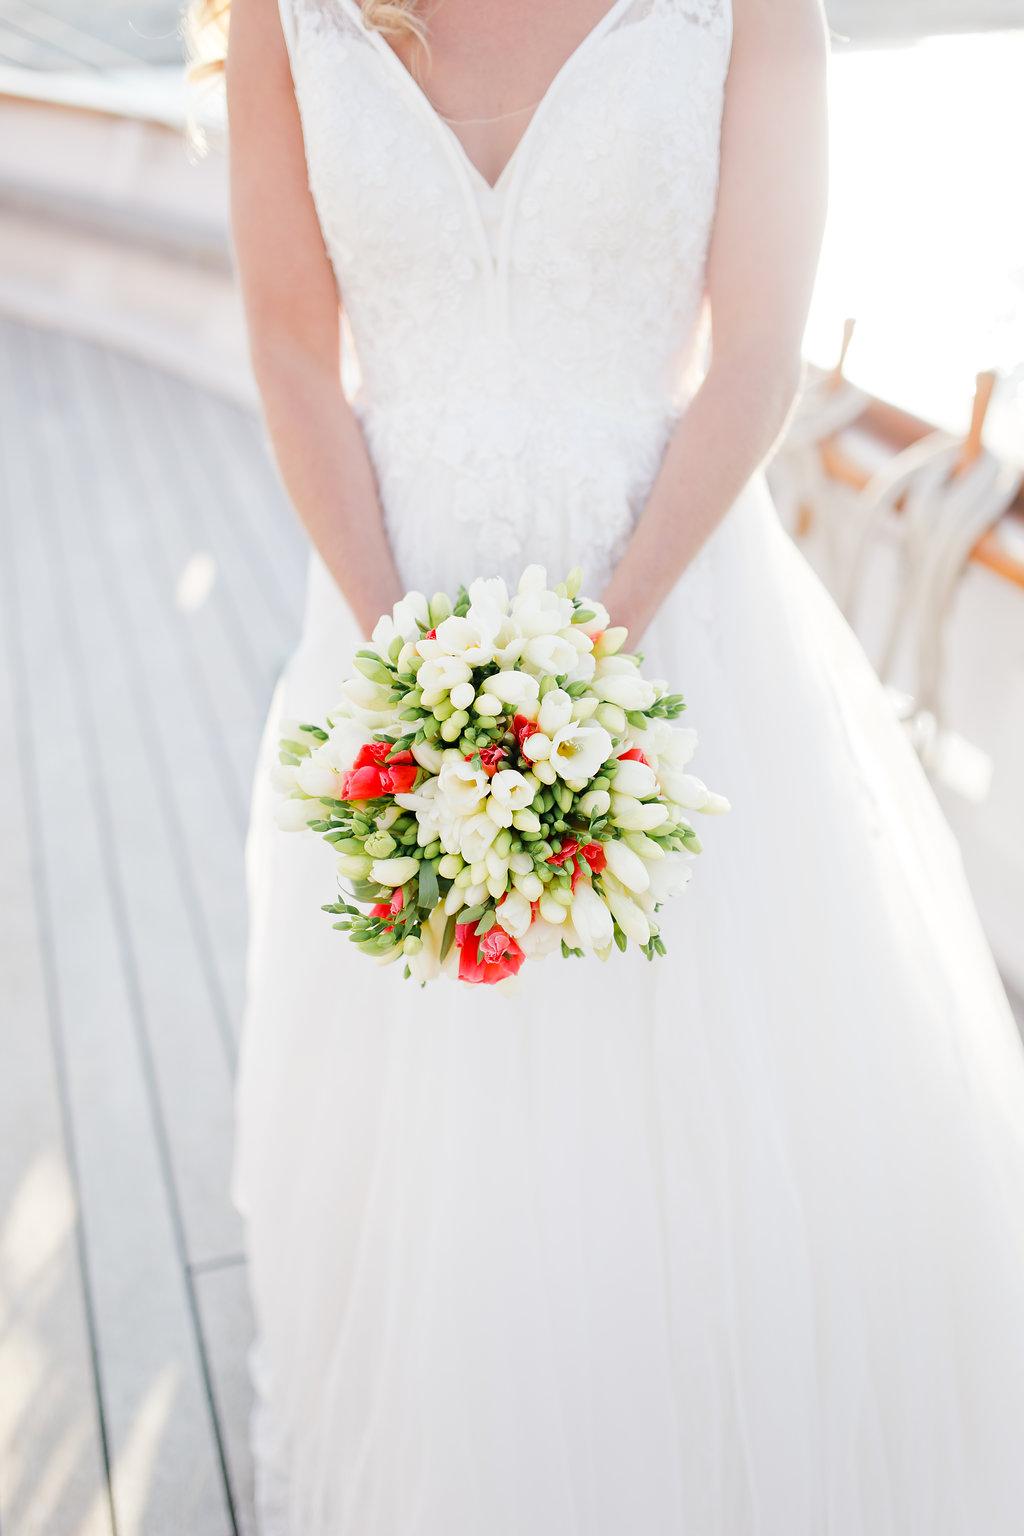 le coeur dans les etoiles - wedding planner - provence - sardaigne - shooting inspiration - mariage voilier - audrey carnoy - bouquet de mariee